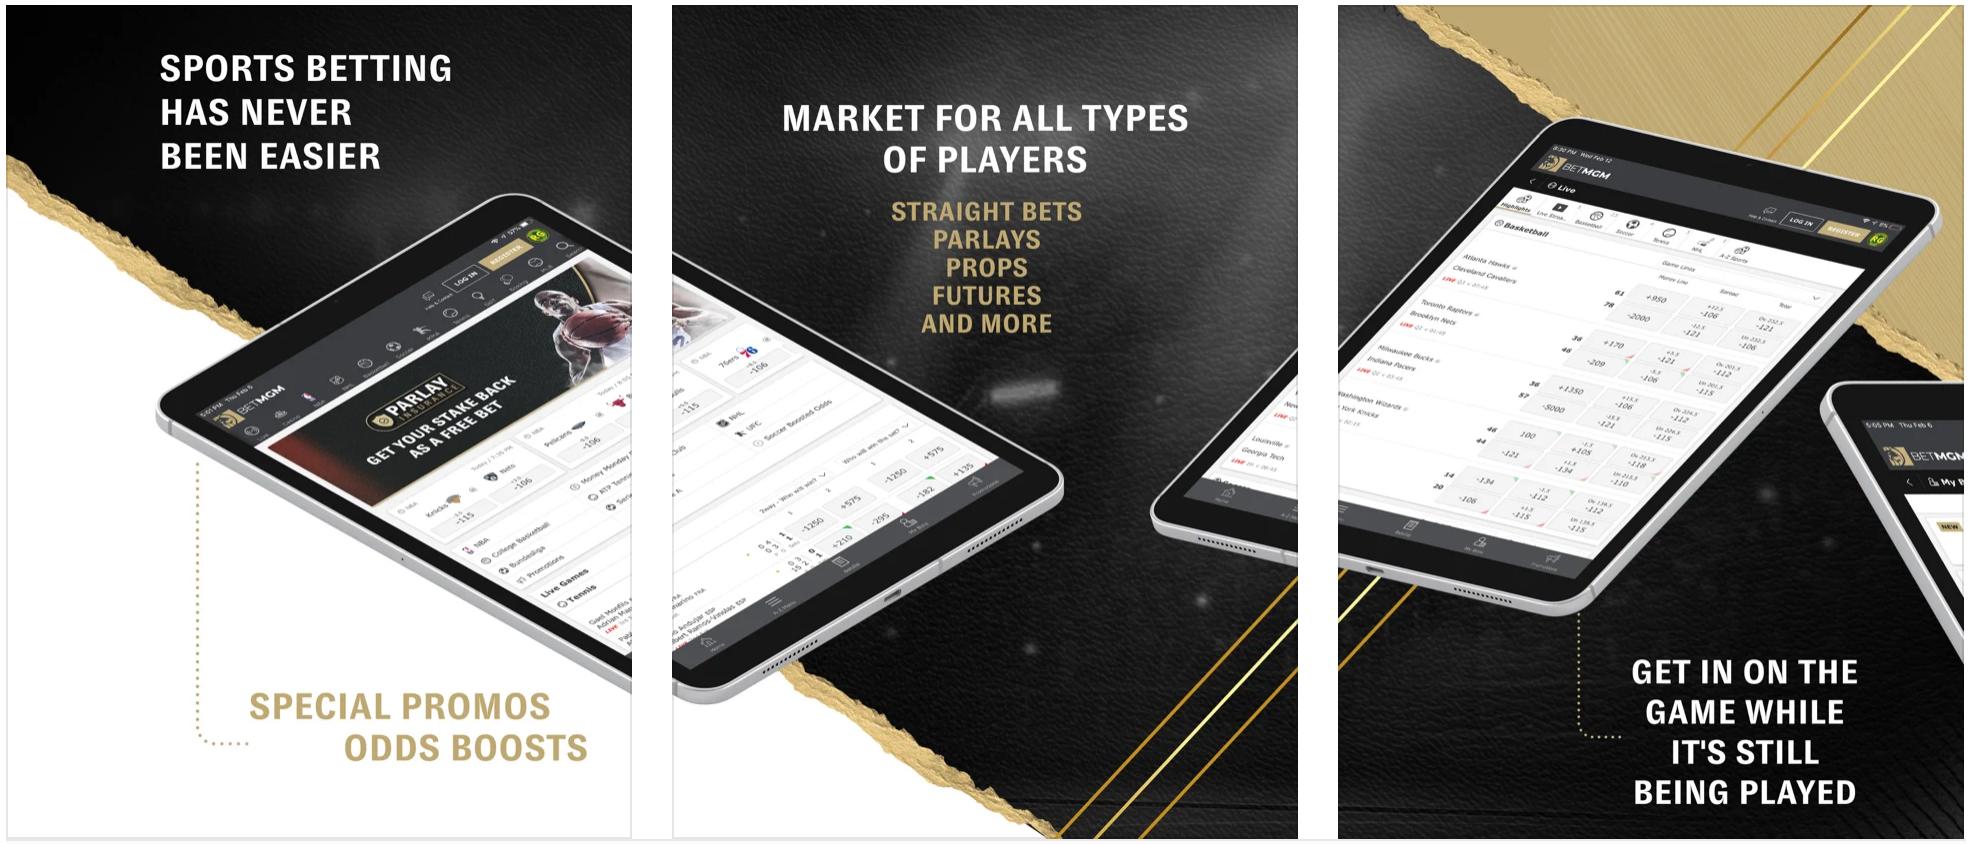 BetMGM Sportsbook Mobile App